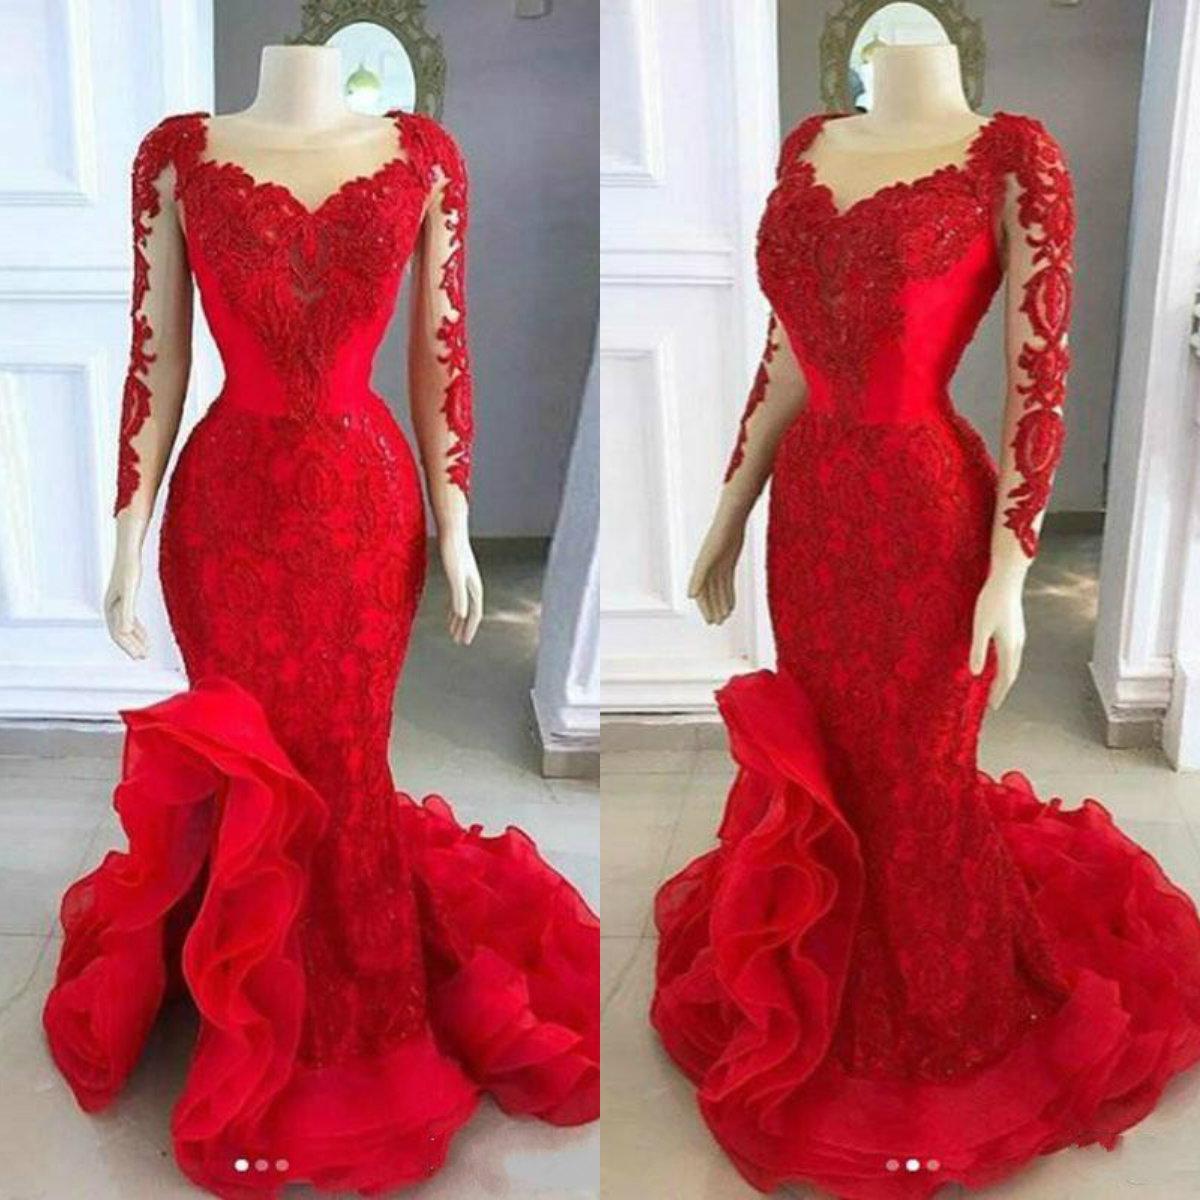 2020 rouge sirène robes de soirée Sheer décolleté dentelle Appliqued manches longues robe de bal bas de Split balayage train arabe fête officielle Robes